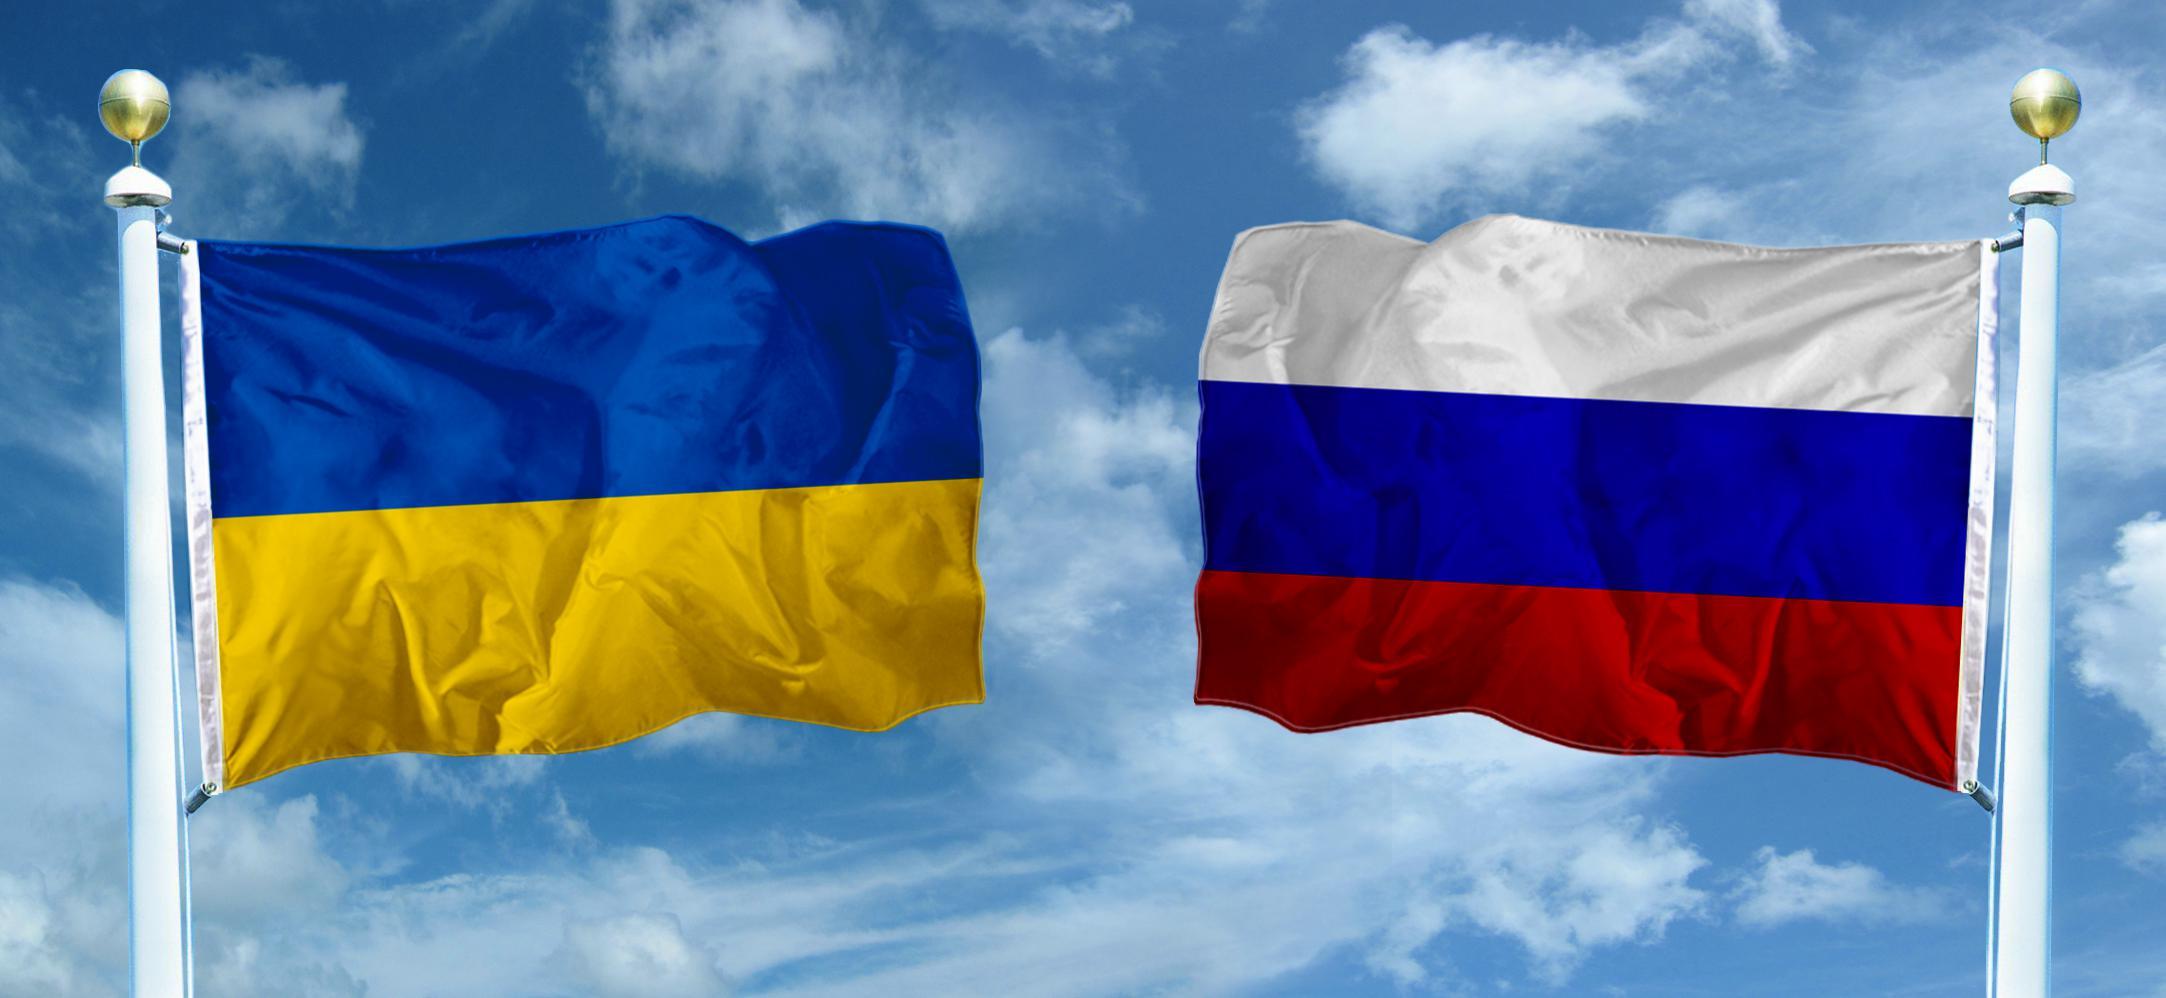 Гордон сказал, станут ли народы России и Украины снова друзьями